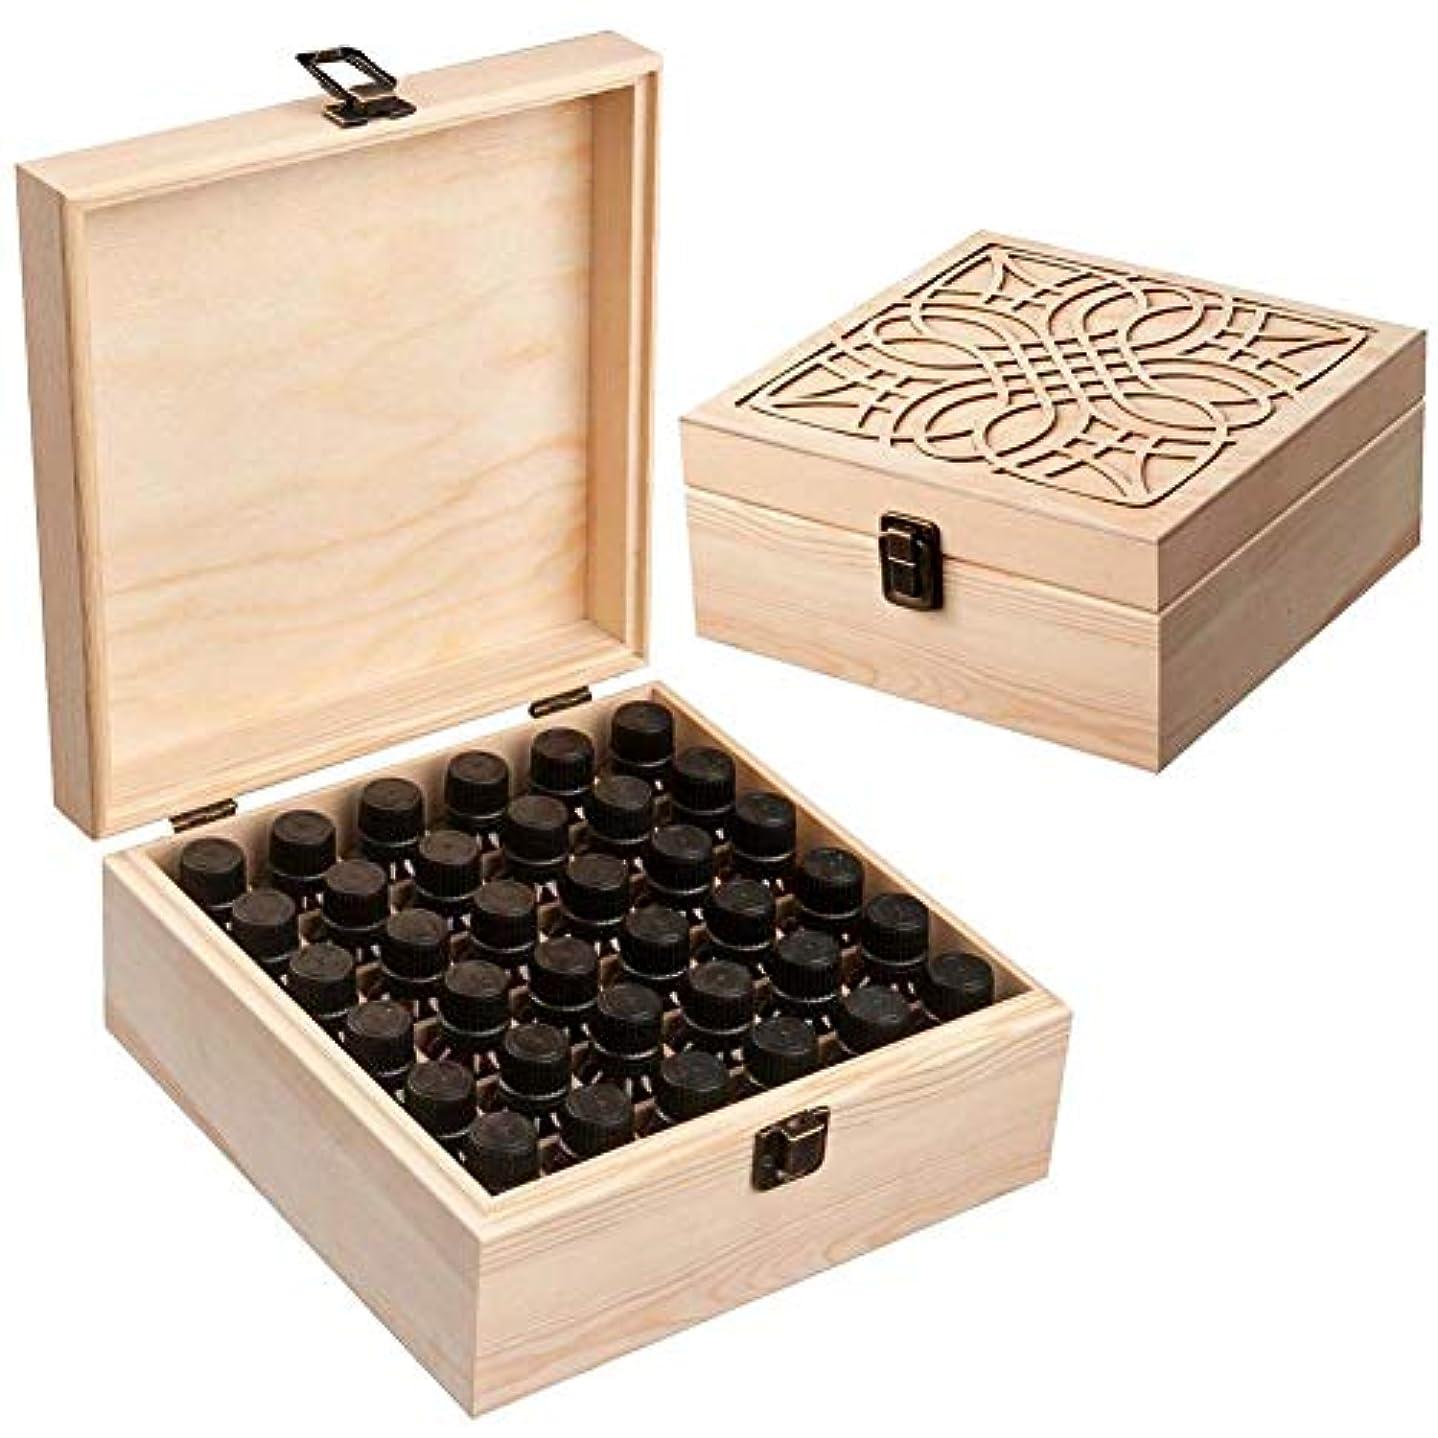 代表目的顔料Newfashion エッセンシャルオイル収納ボックス 精油収納 アロマケース 木製 大容量 携帯便利 オイルボックス 飾り物 36本用